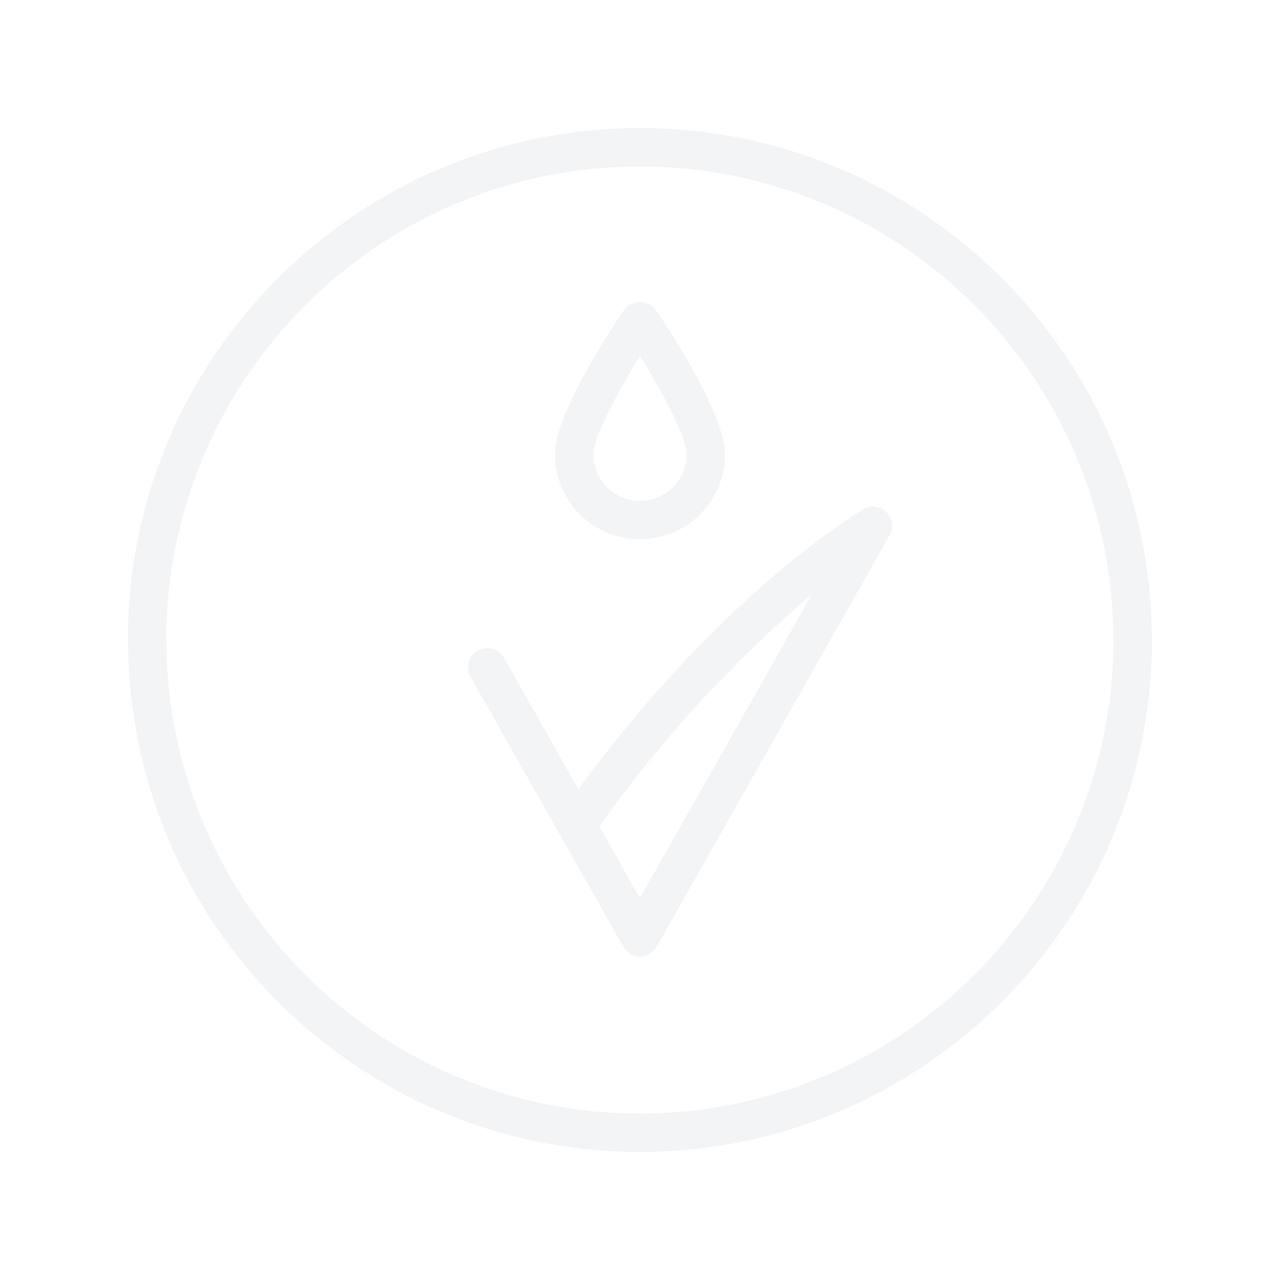 Decleor Aromessence Ylang Ylang Purifying Night Balm 15ml